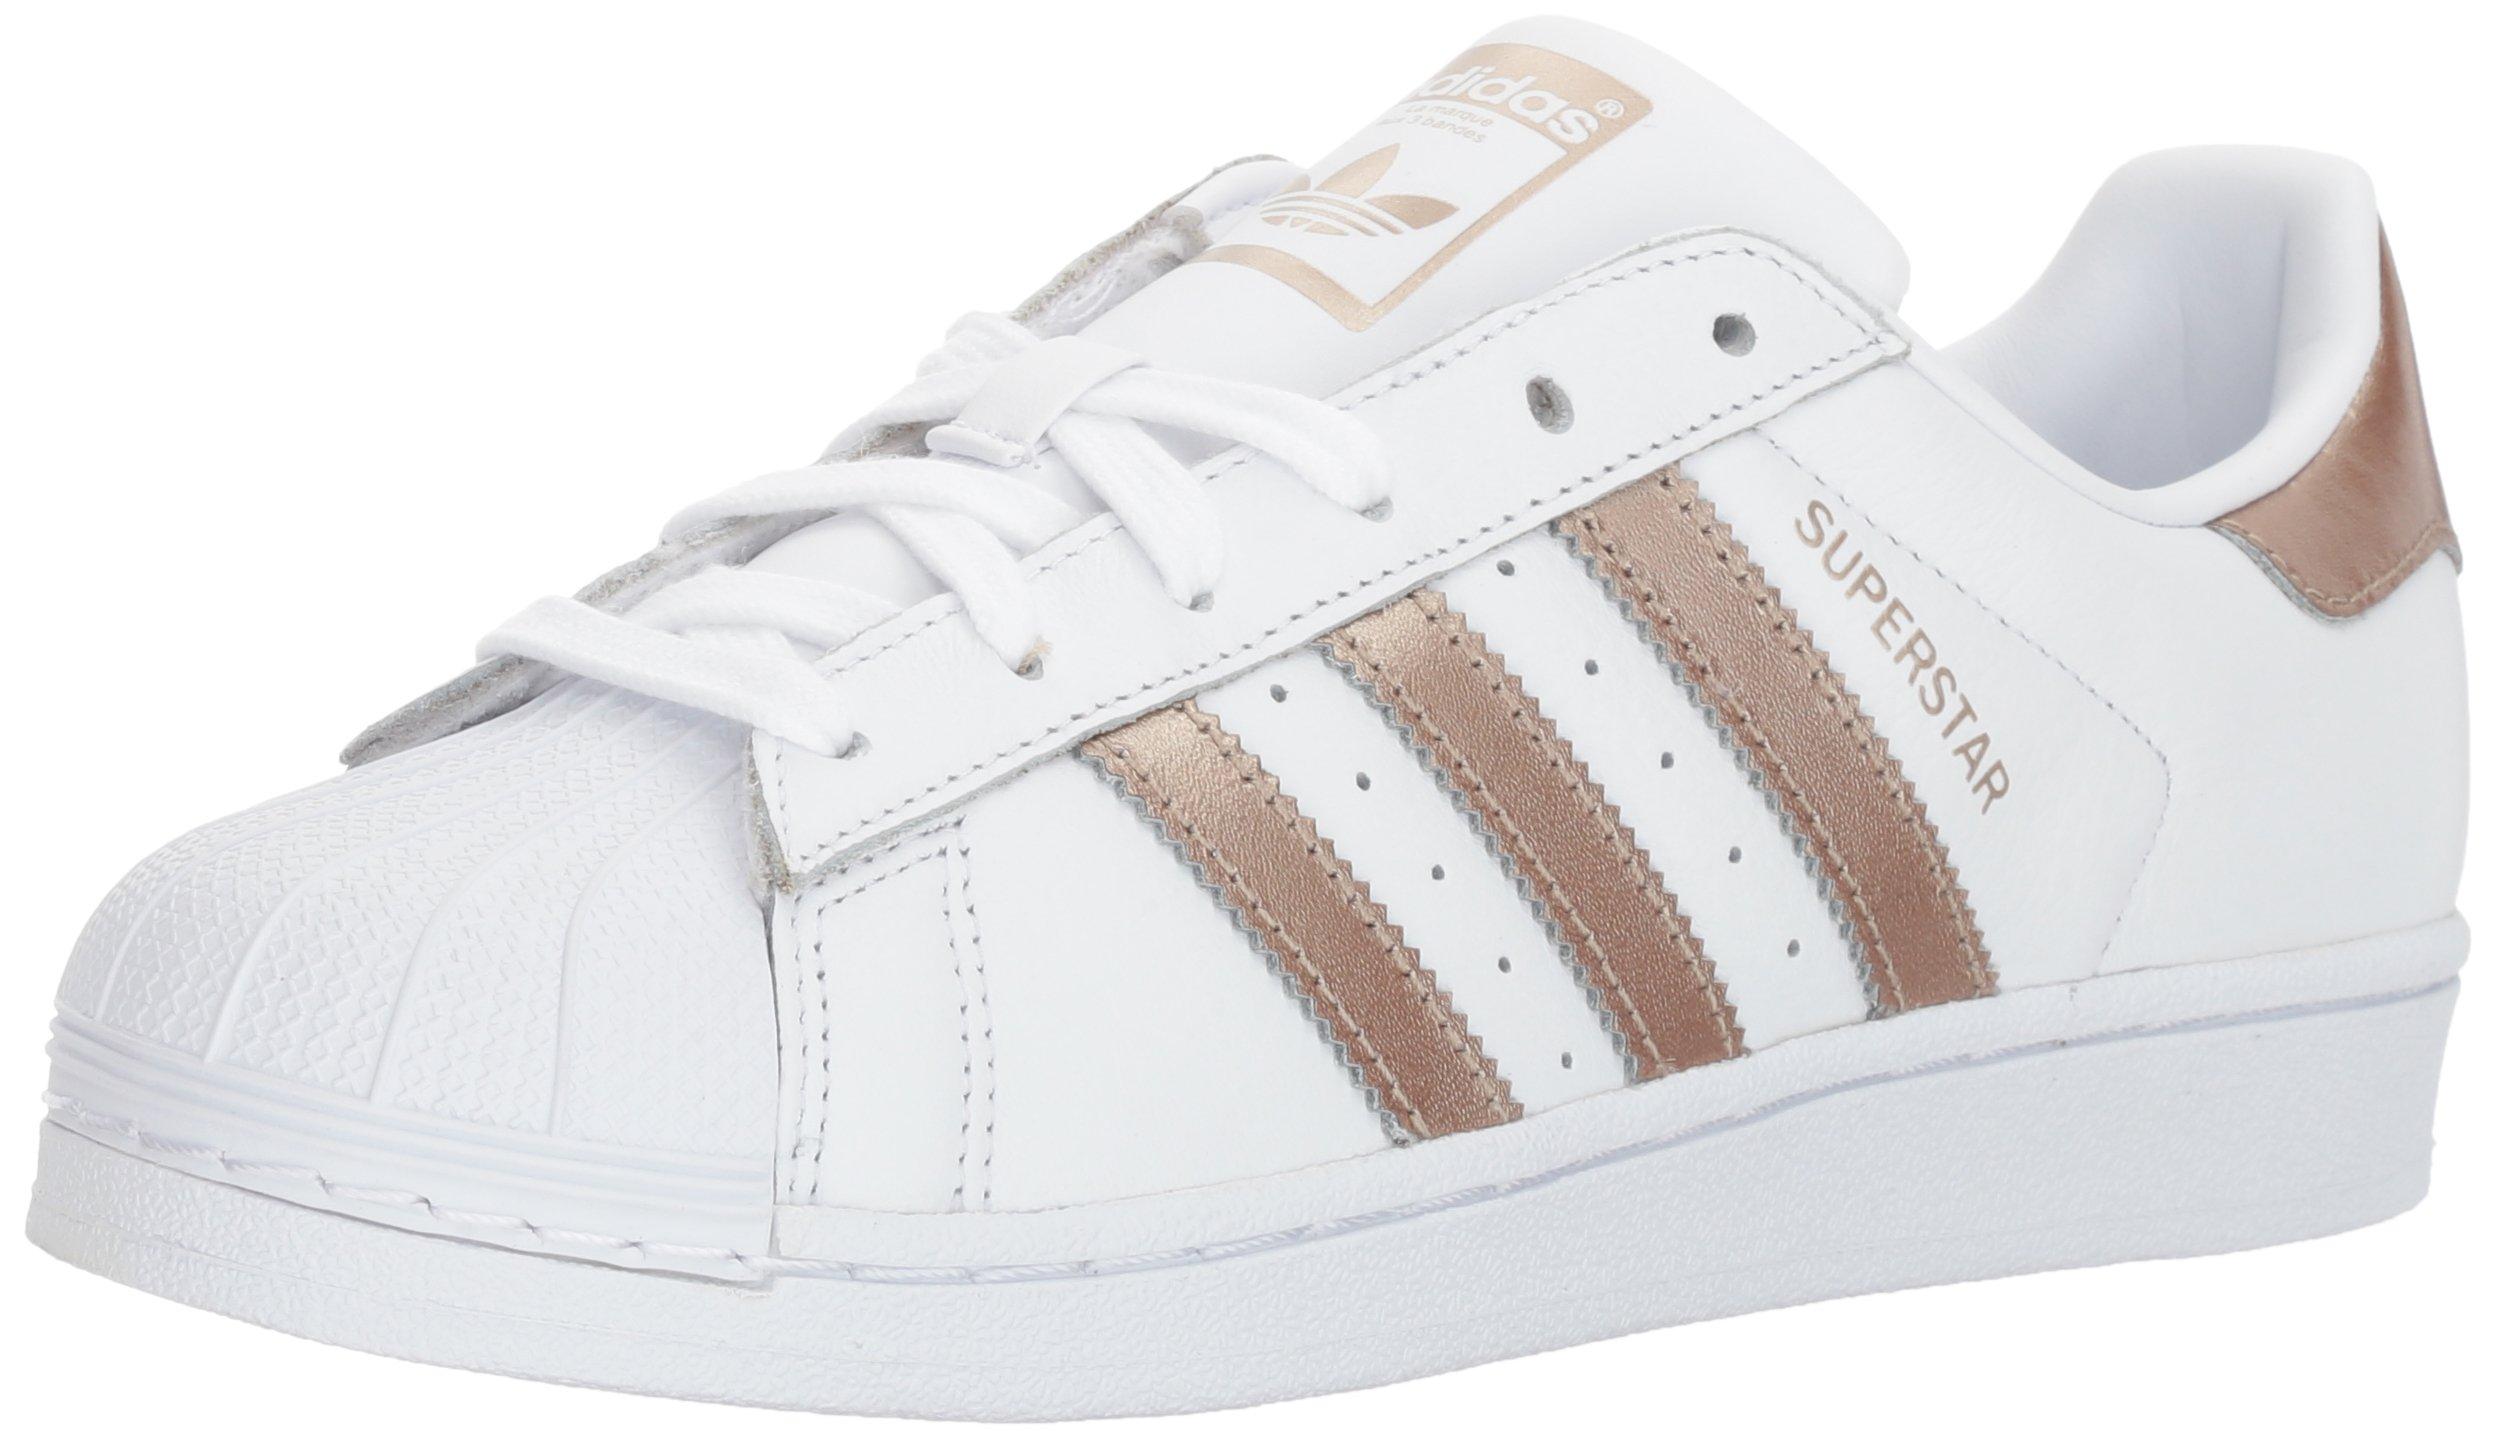 d2f370714 Galleon - Adidas Originals Women's Superstar Running Shoe, Cyber  Metallic/White, 7 M US